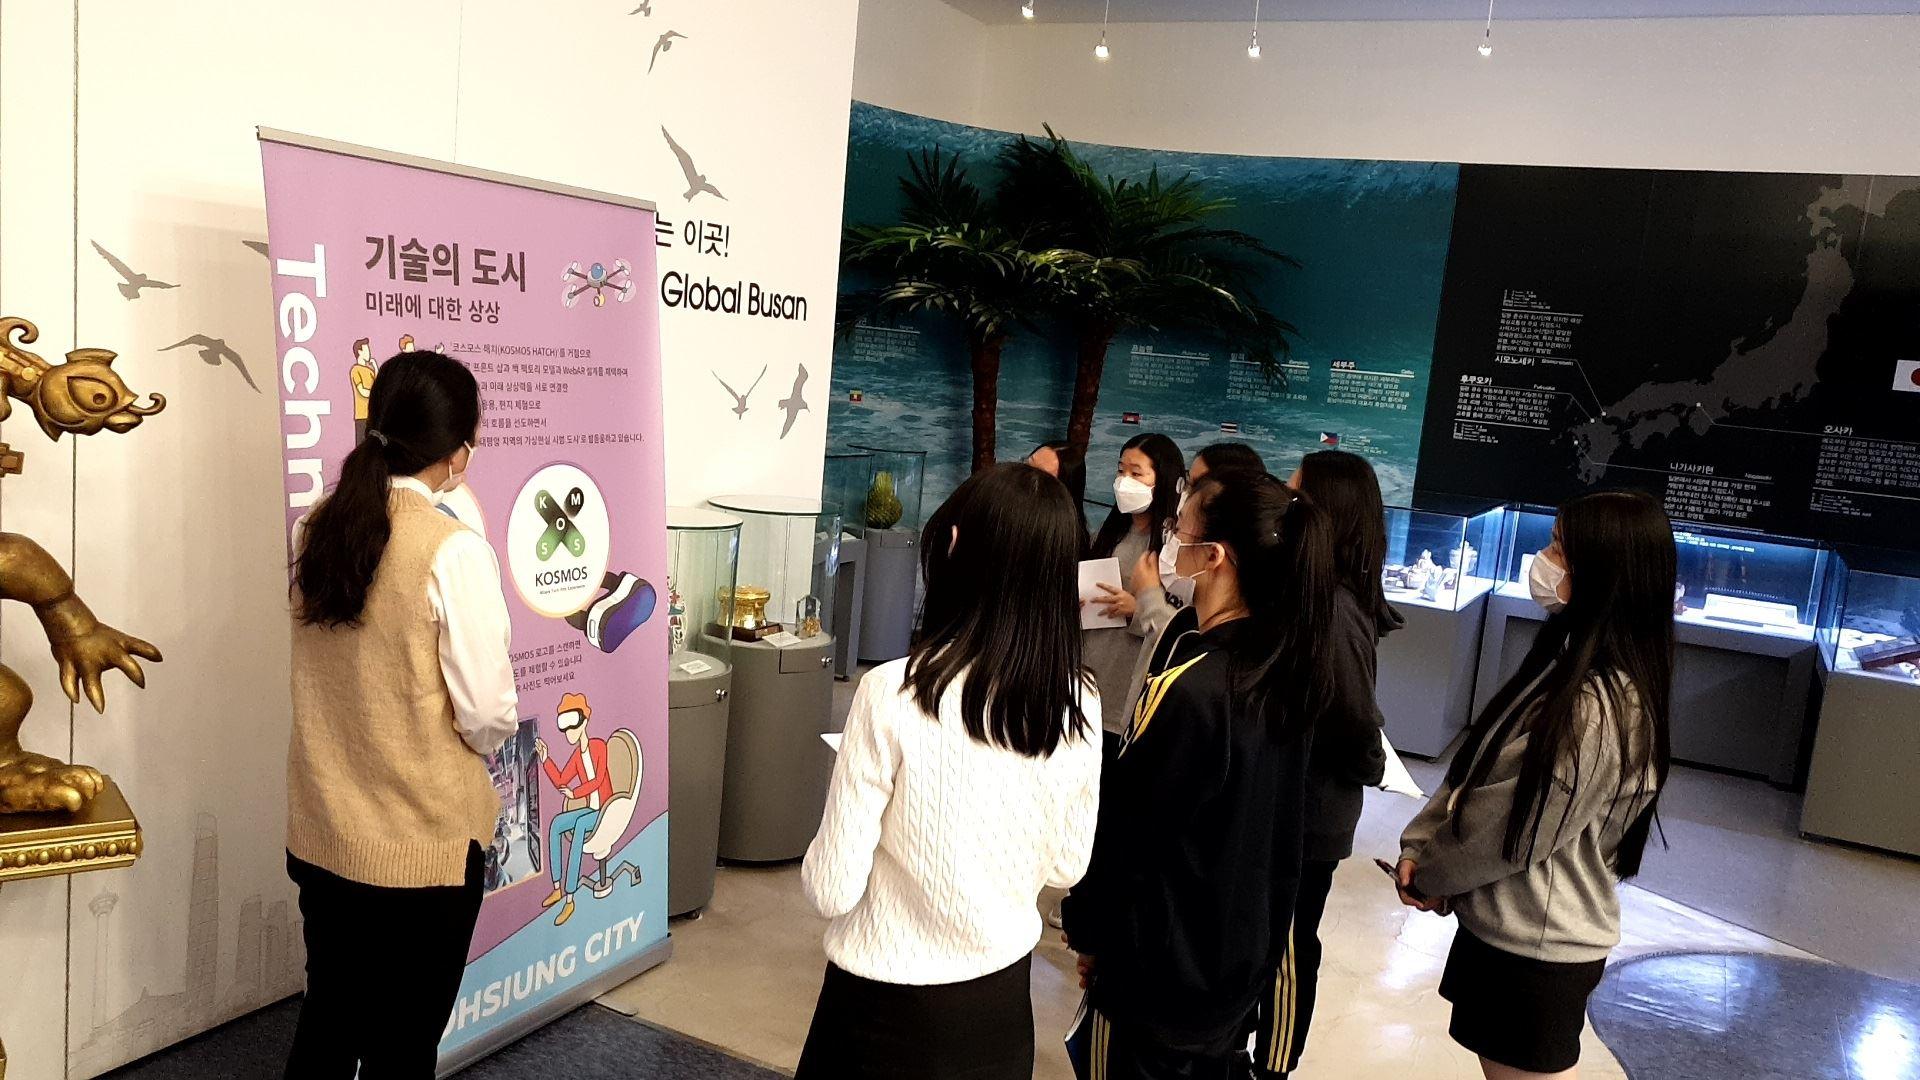 韓國學生於釜山國際交流展示館觀展情形.JPG.jpg